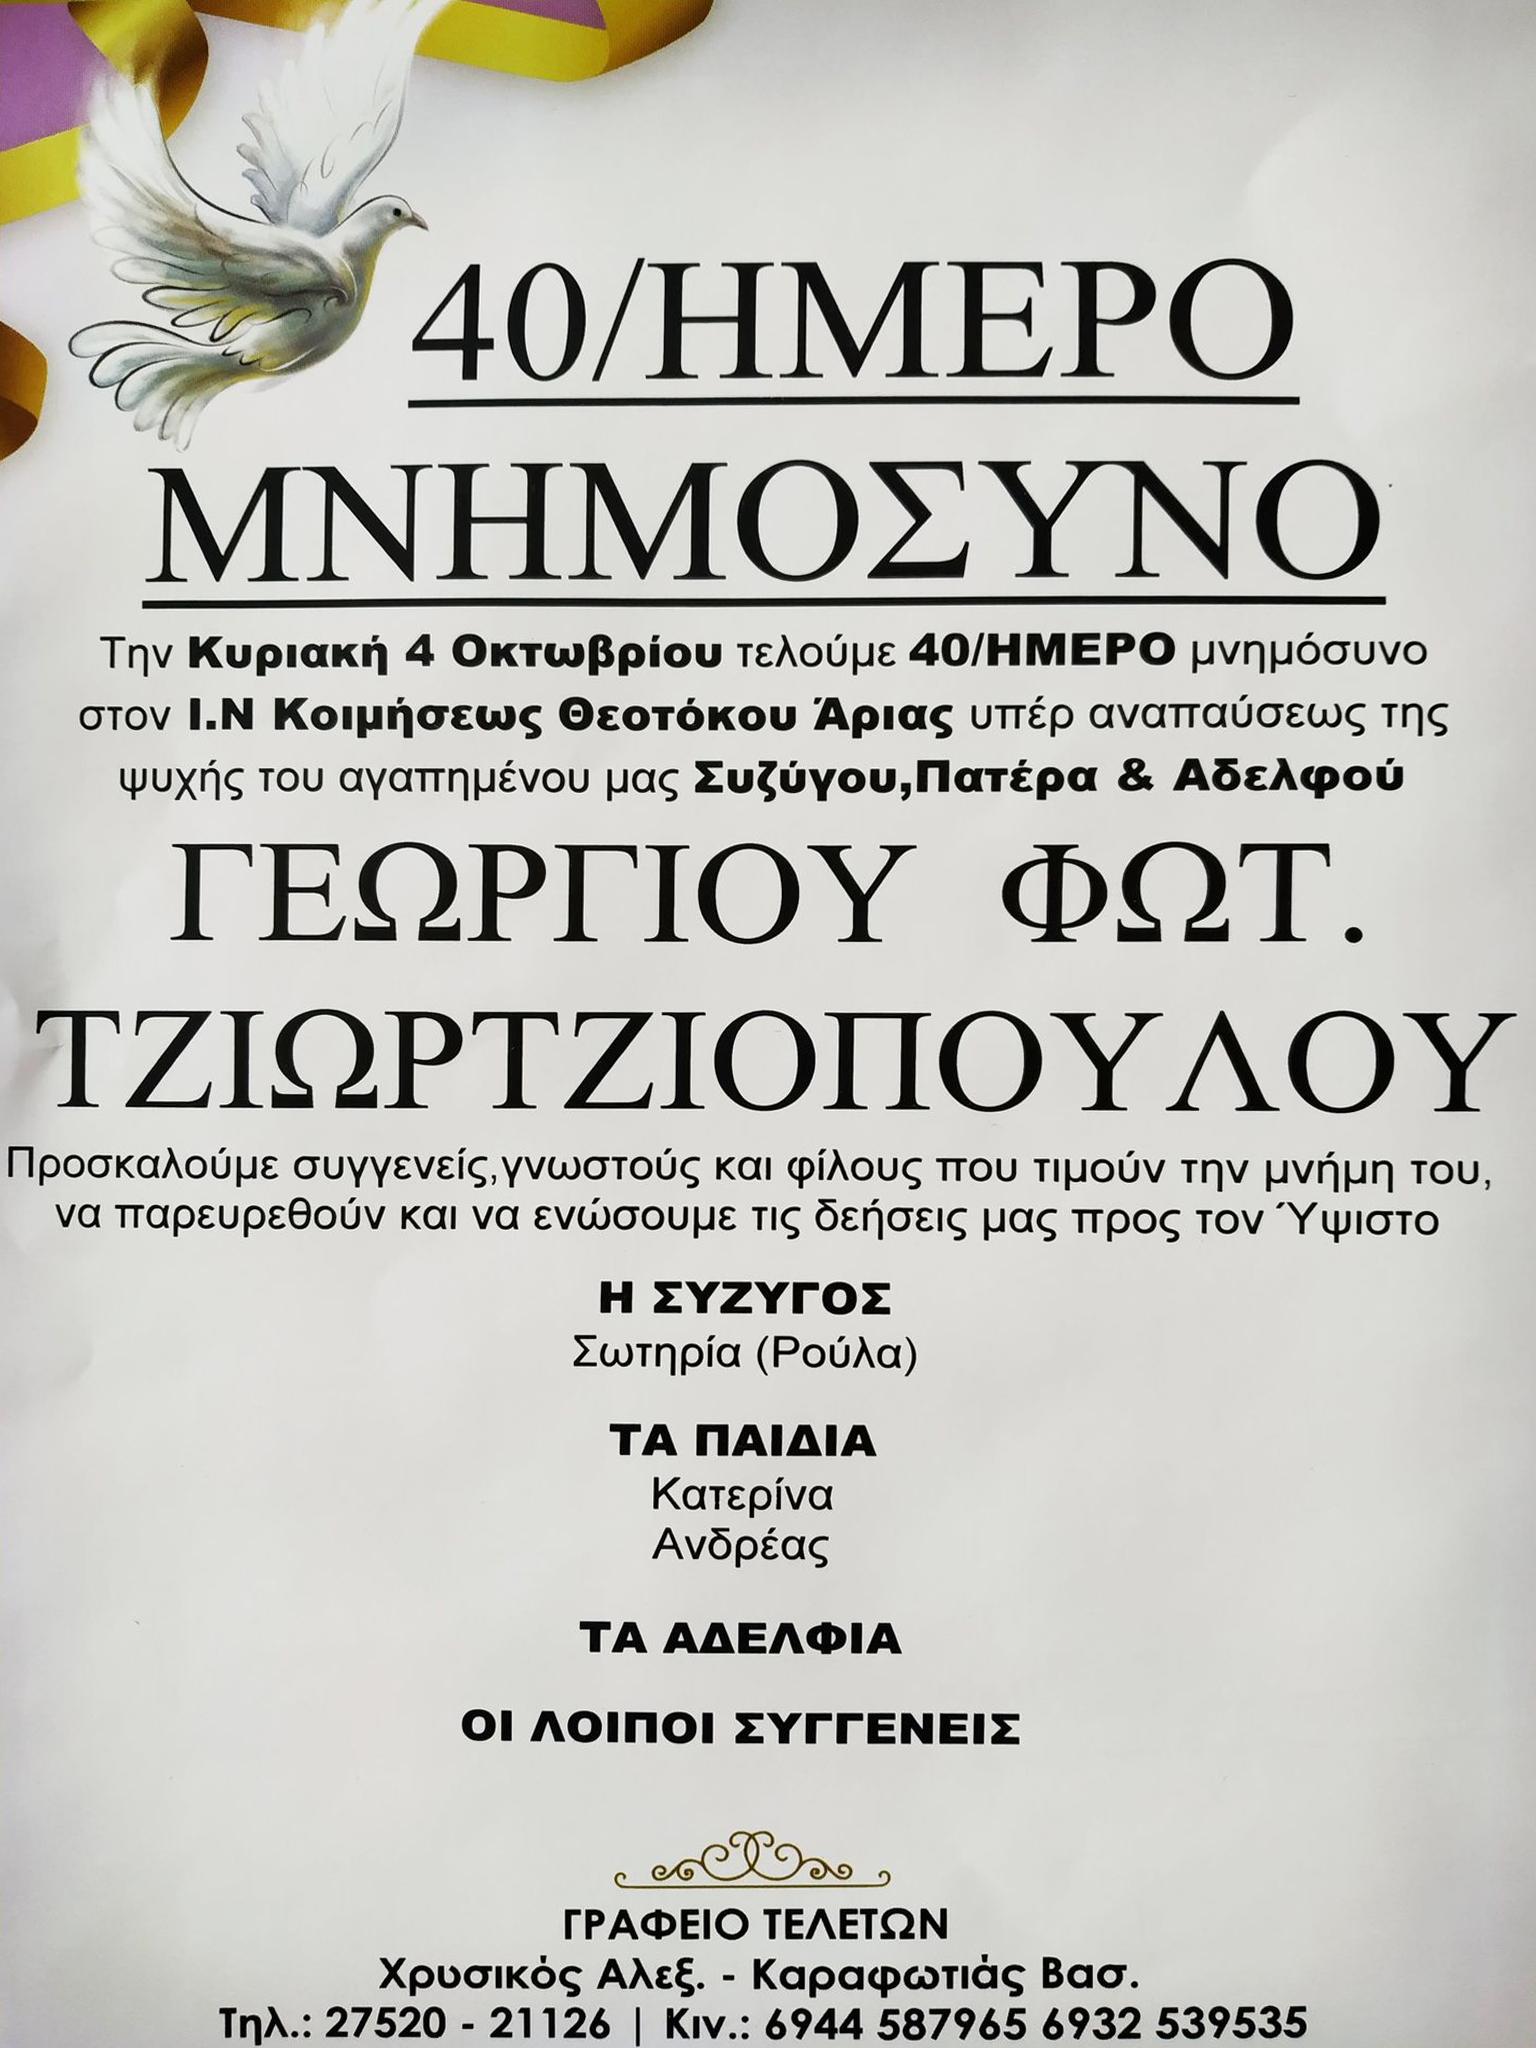 40ήμερο μνημόσυνο Γεωργίου Τζιωρτζιόπουλου στην Άρια Ναυπλίου